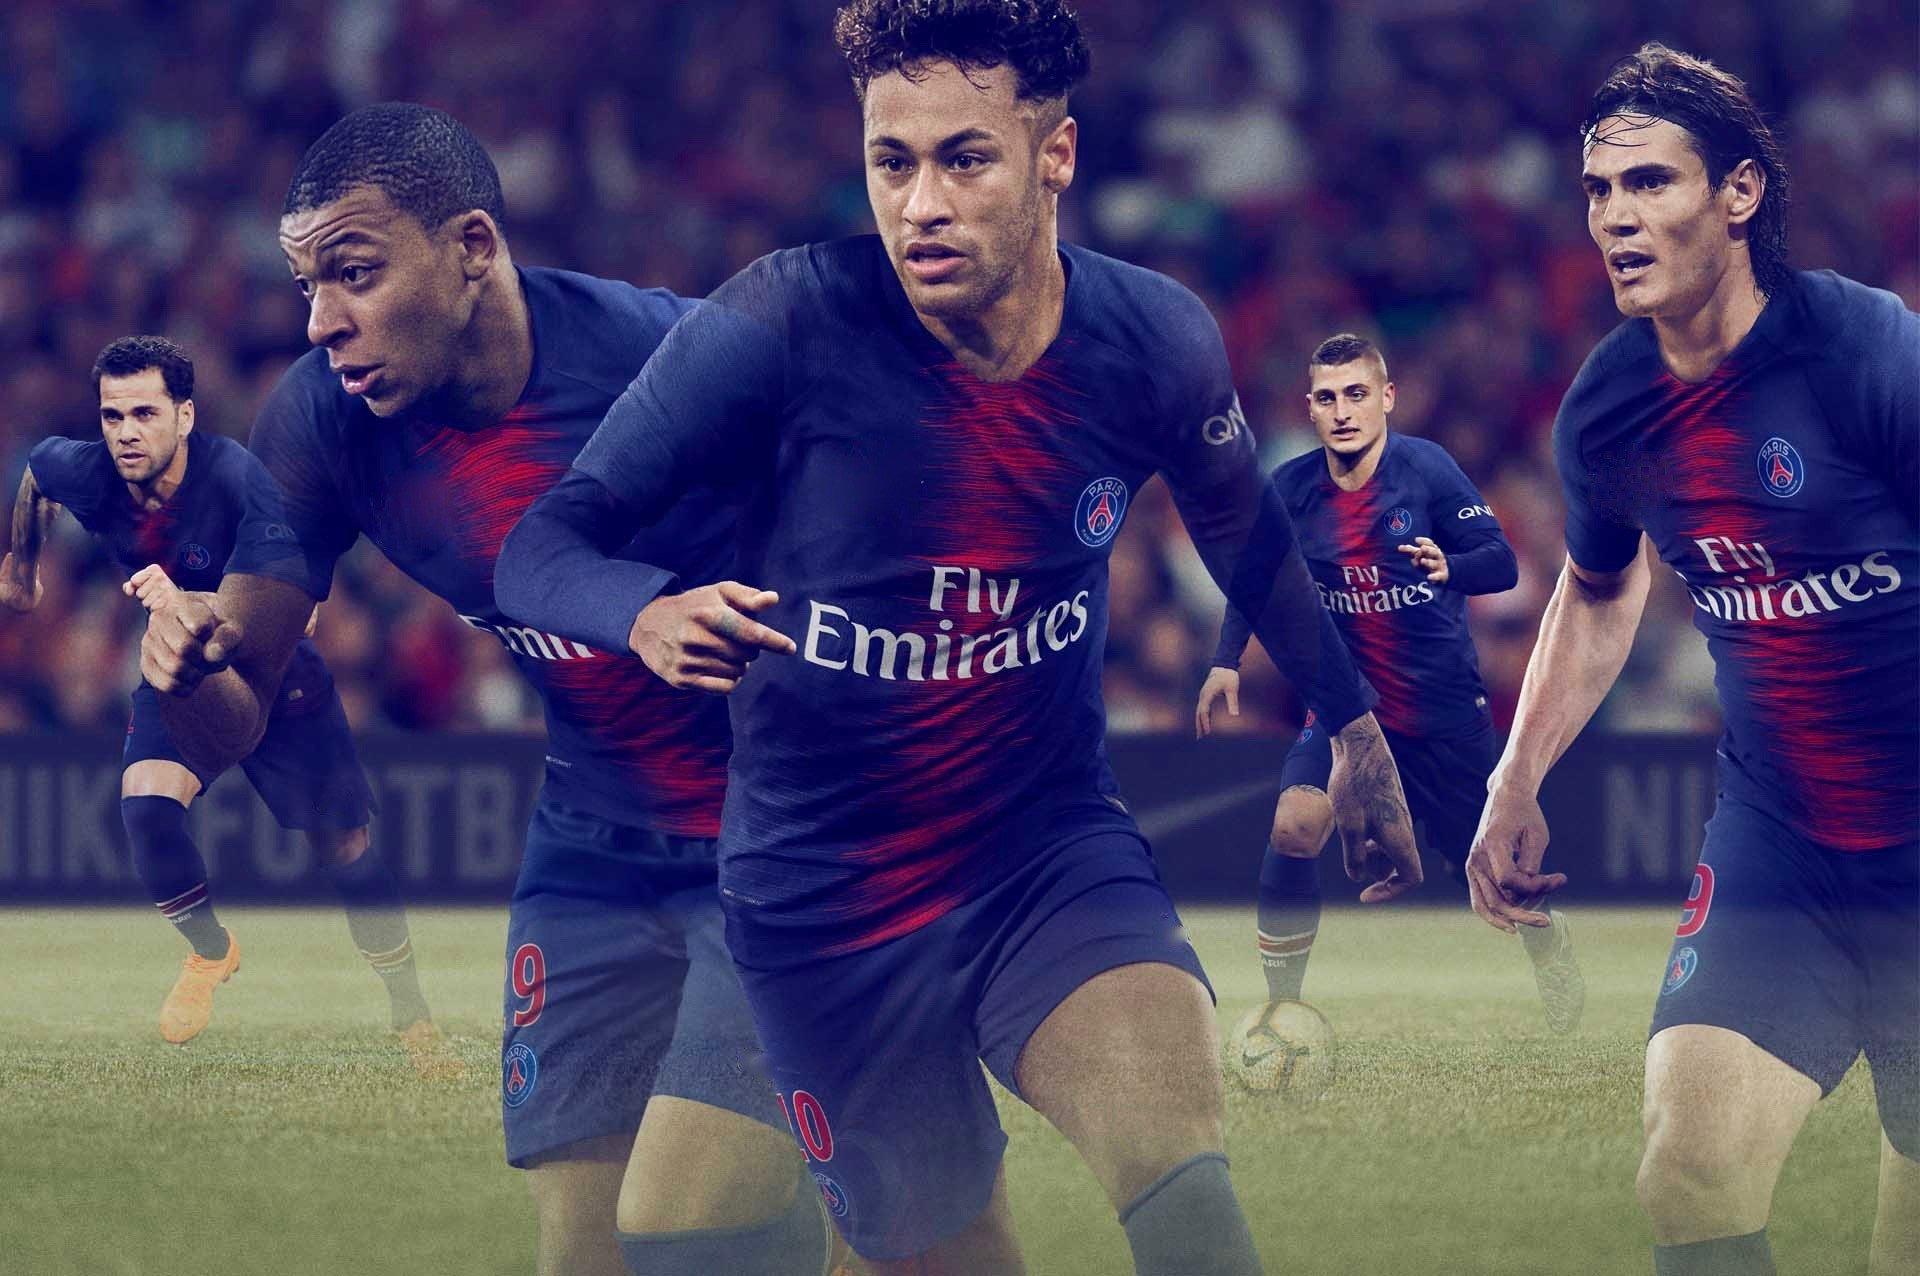 a23e6d5107410 En Soccers de Morelos ya los tenemos para que te vistas del club parisino. uniforme  de futbol psg 2018 2019